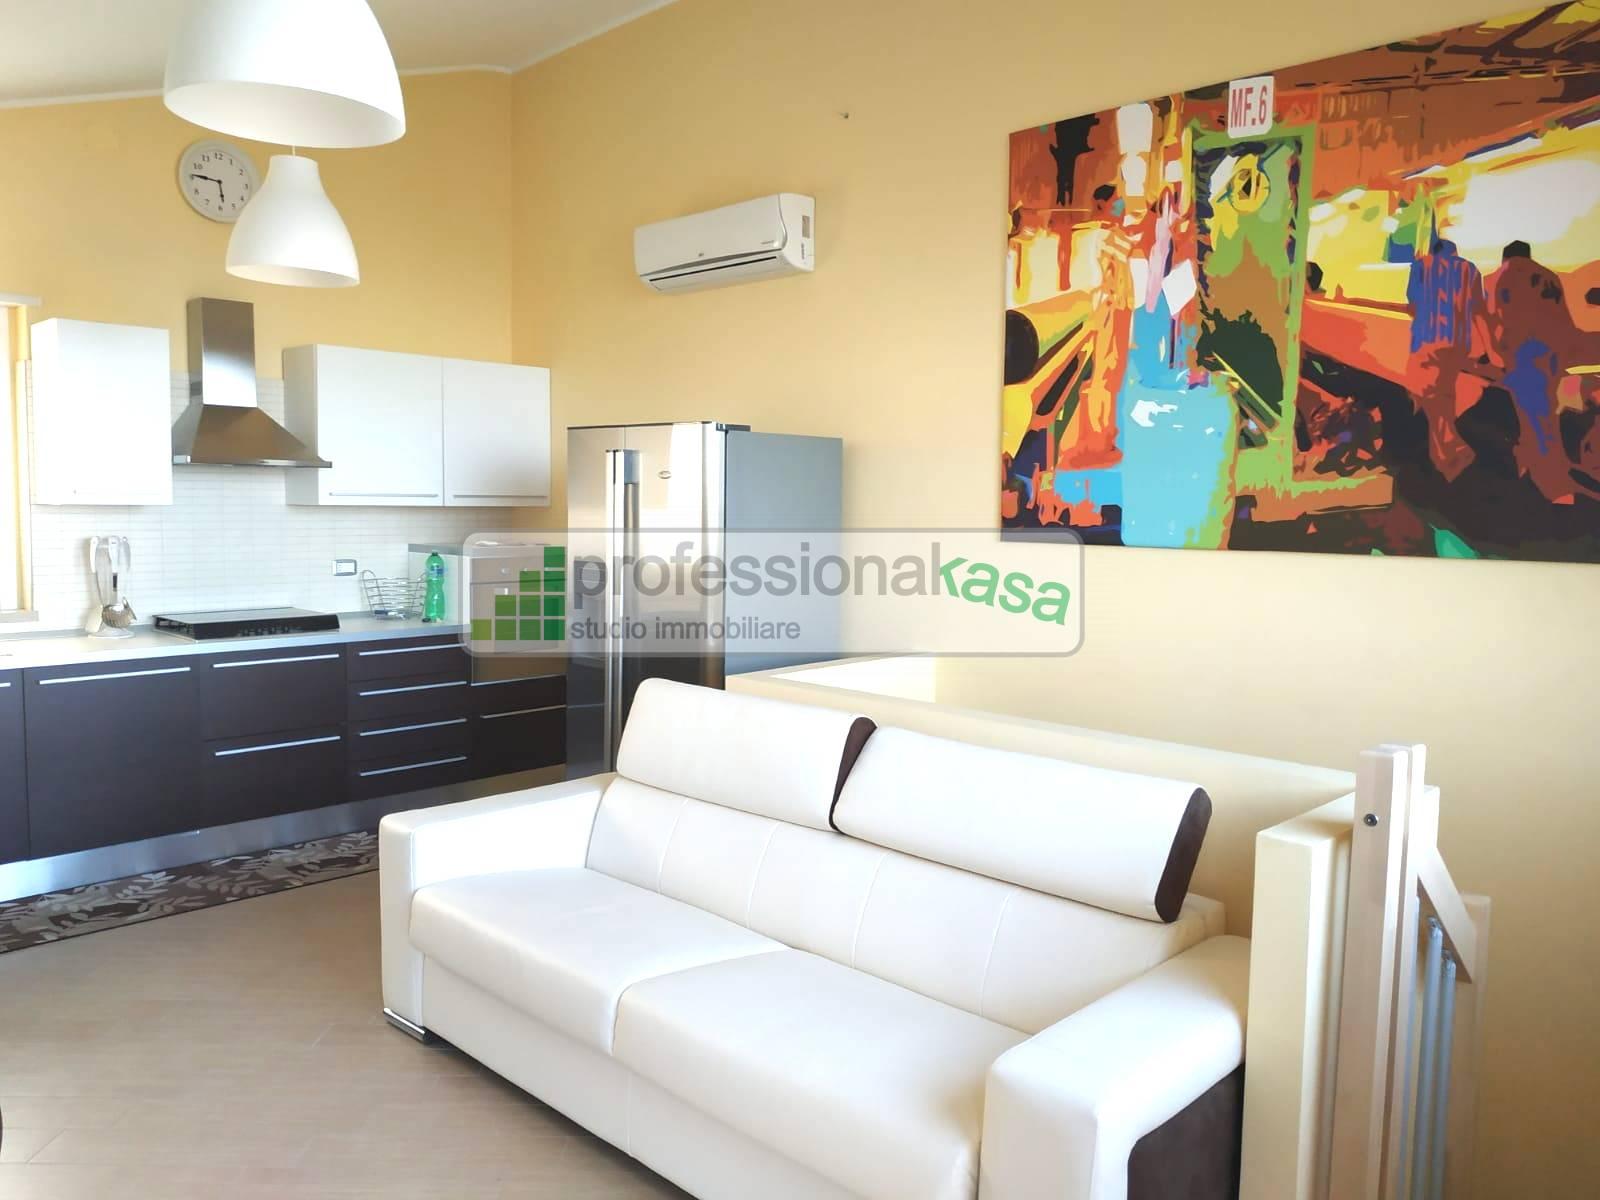 Appartamento in vendita a Vasto, 4 locali, zona Località: 2VastoSud, prezzo € 195.000 | PortaleAgenzieImmobiliari.it